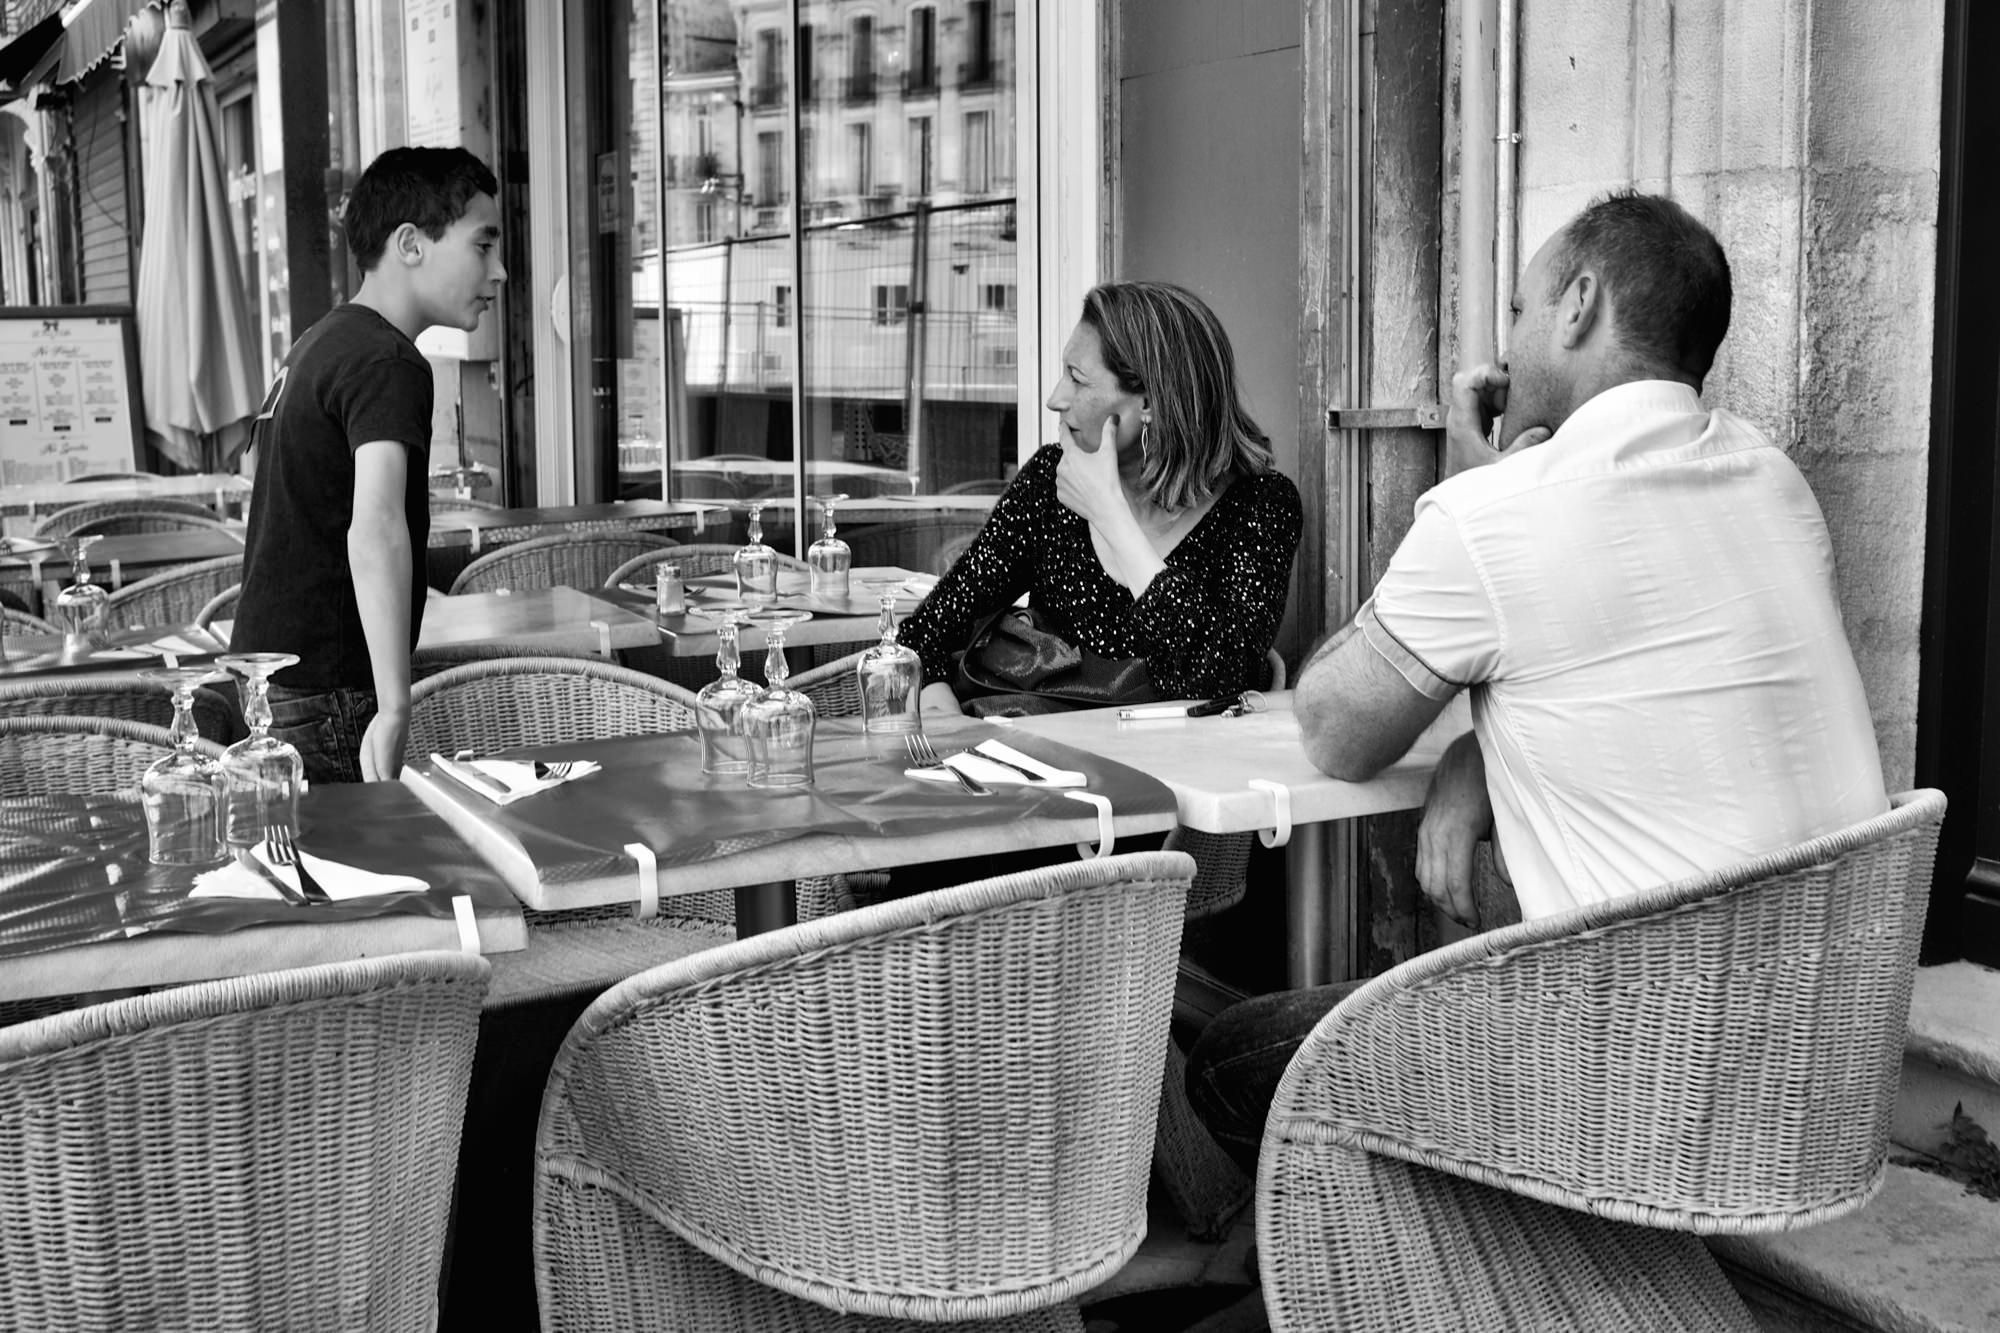 Conversation bienveillante J'éprouve un bien-être à me promener dans le quartier Saint-Michel de Bordeaux. Un quartier où se côtoient différentes cultures, races, couleurs et de nombreuses couches sociales. Si vous aimez aller à la rencontre des gens, je vous conseille ces lieux. Au détour des rues que je traversais, je suis passé devant ce restaurant, face à la basilique Saint-Michel, où un couple de touristes faisait la conversation avec un jeune adolescent qui pourrait être le fils du patron. J'ai senti la scène prise à la fois d'une grande simplicité et d'une force bienveillante de ce couple à l'égard de ce jeune garçon. Mon appareil photo, un Fuji X100S, s'est naturellement tourné vers cette scène particulièrement simple, mais d'une grande force photographique       Conversation bienveillante Basilique Saint-Michel | Bordeaux | France Fuji X100S | 23ƒ2 (35 equivalence) Photos [sur le site 500px](http://500px.com/thierrylothon/sets)  ©Thierry Lothon 2014.